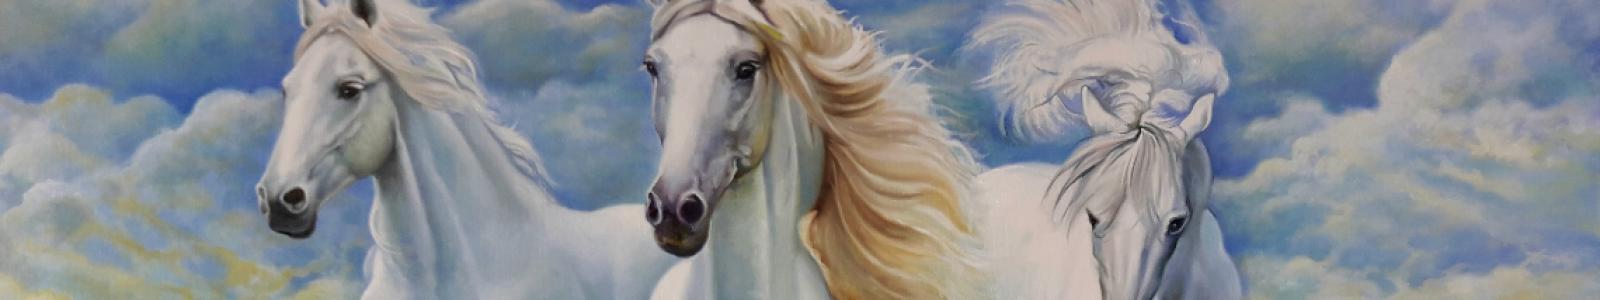 Gallery Painter Teimuraz Kharabadze